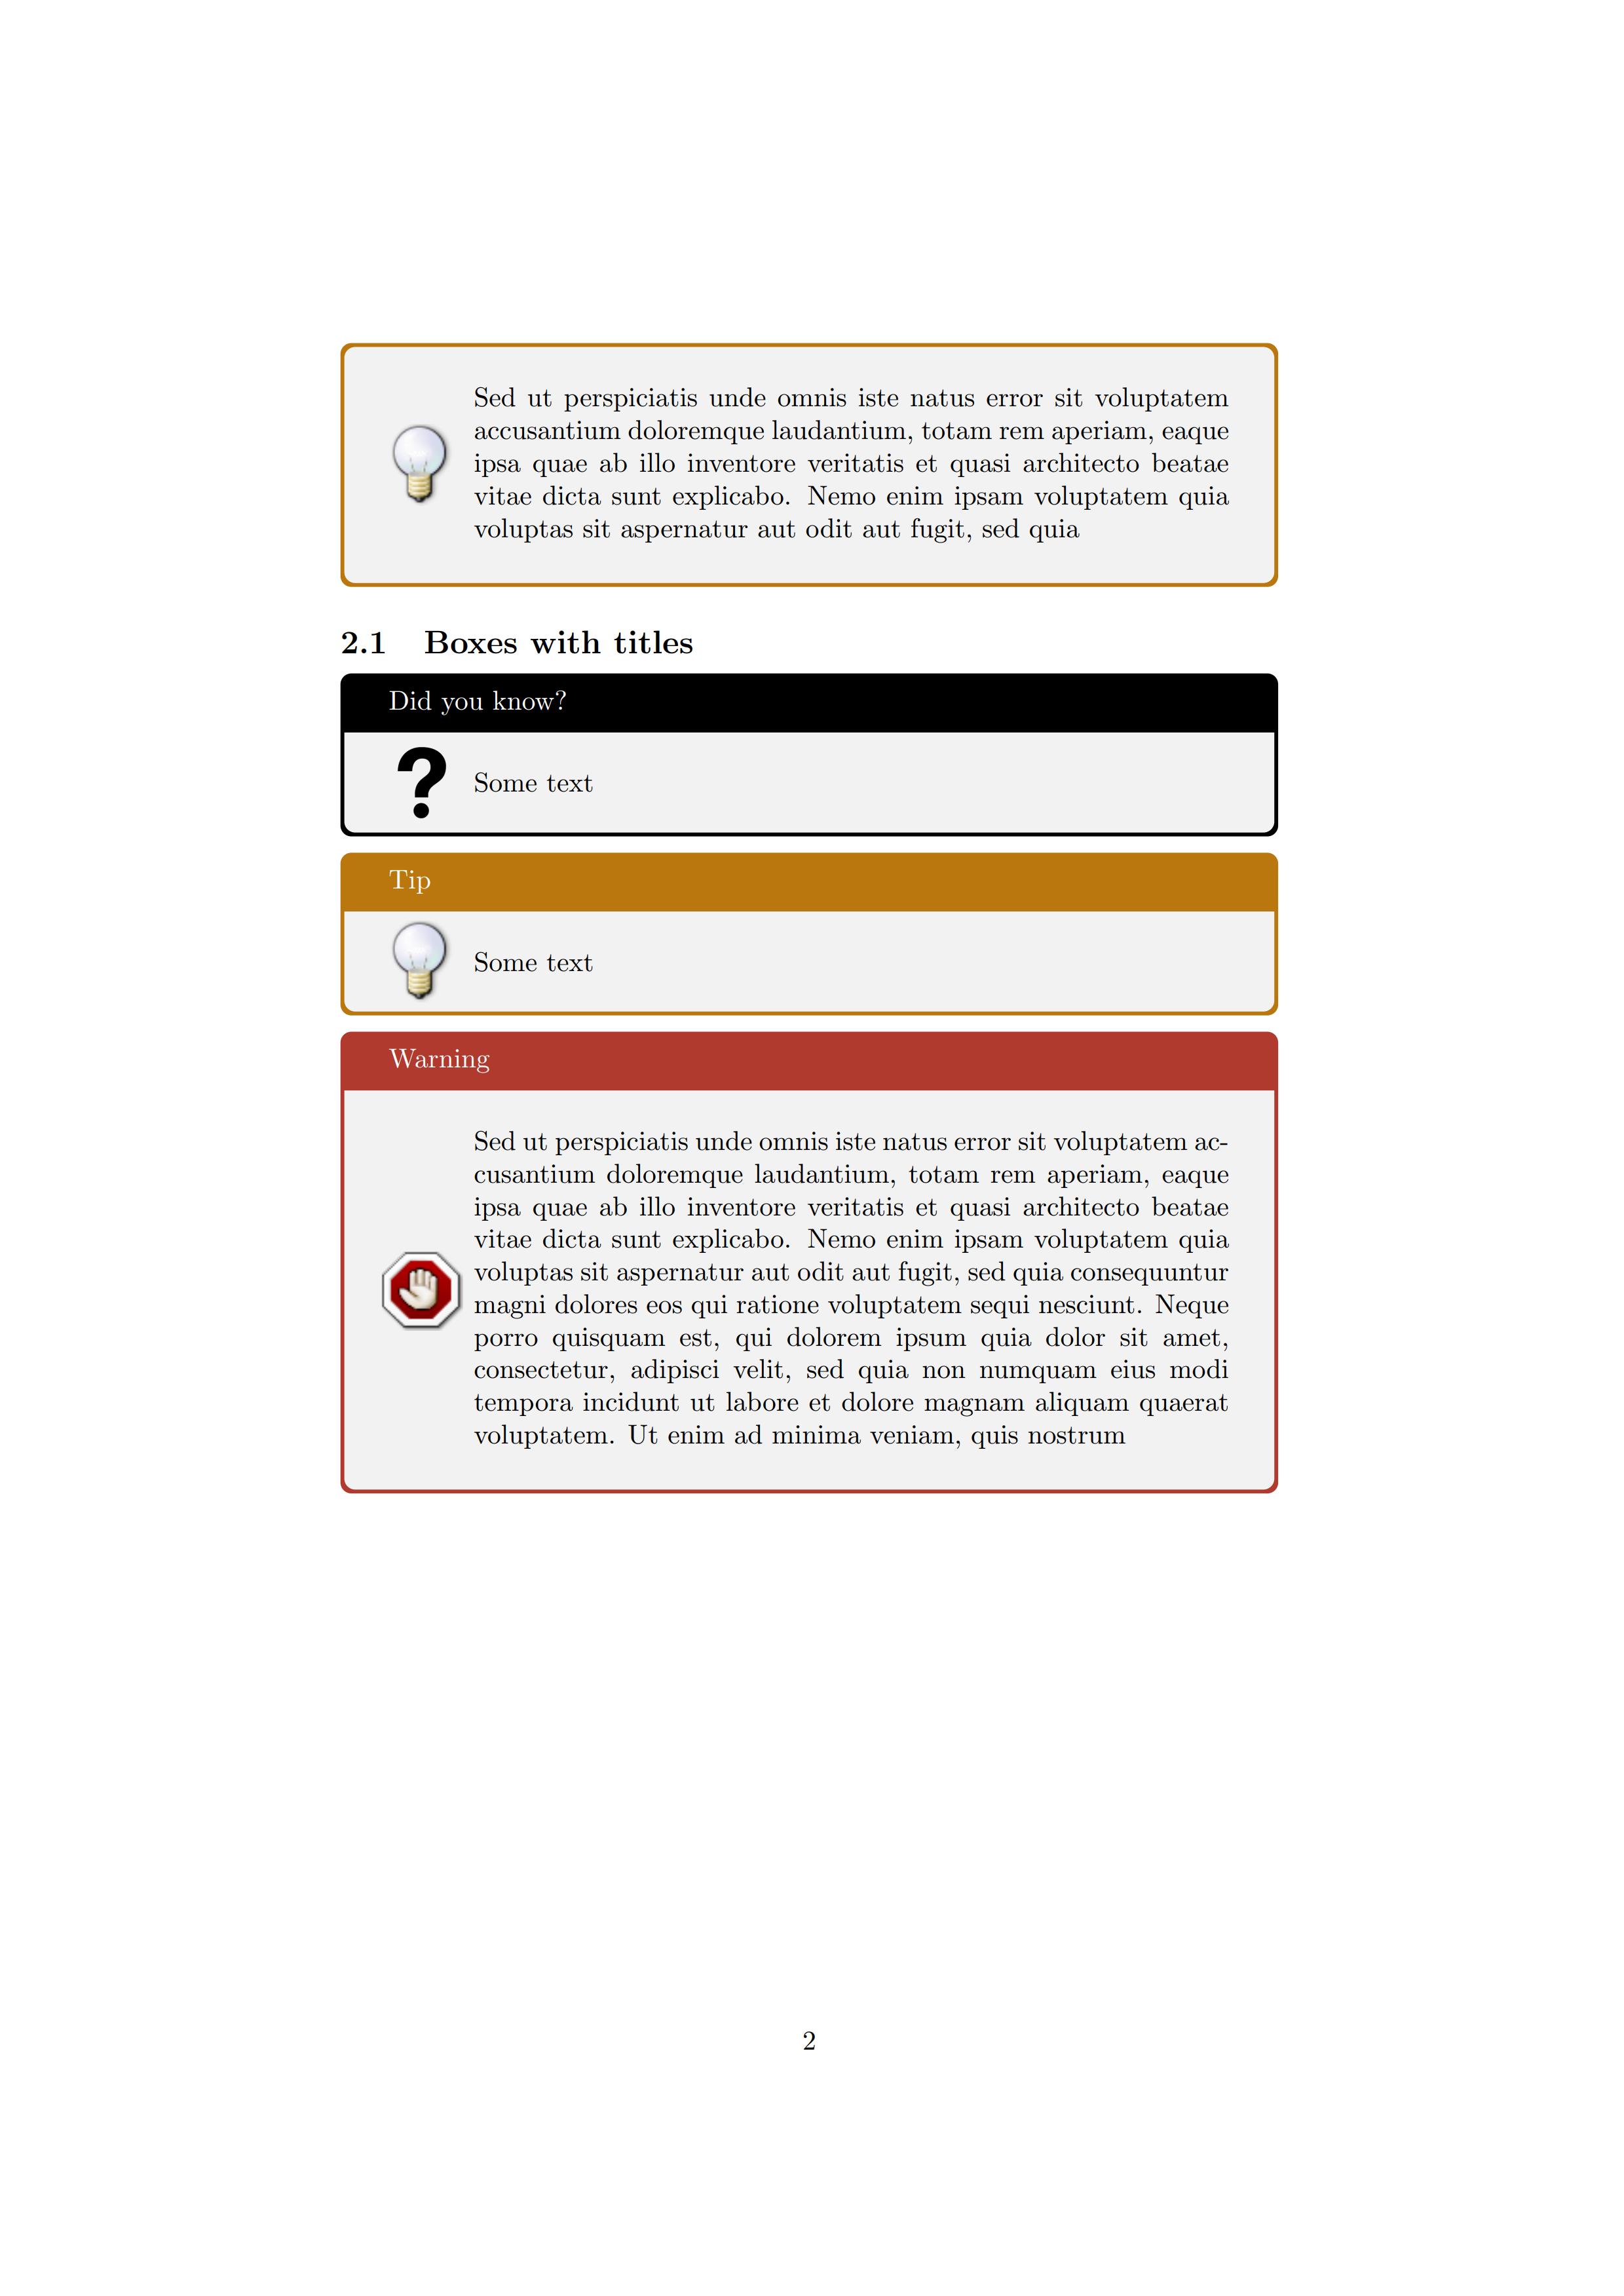 tcolorbox 轻松定制提示框